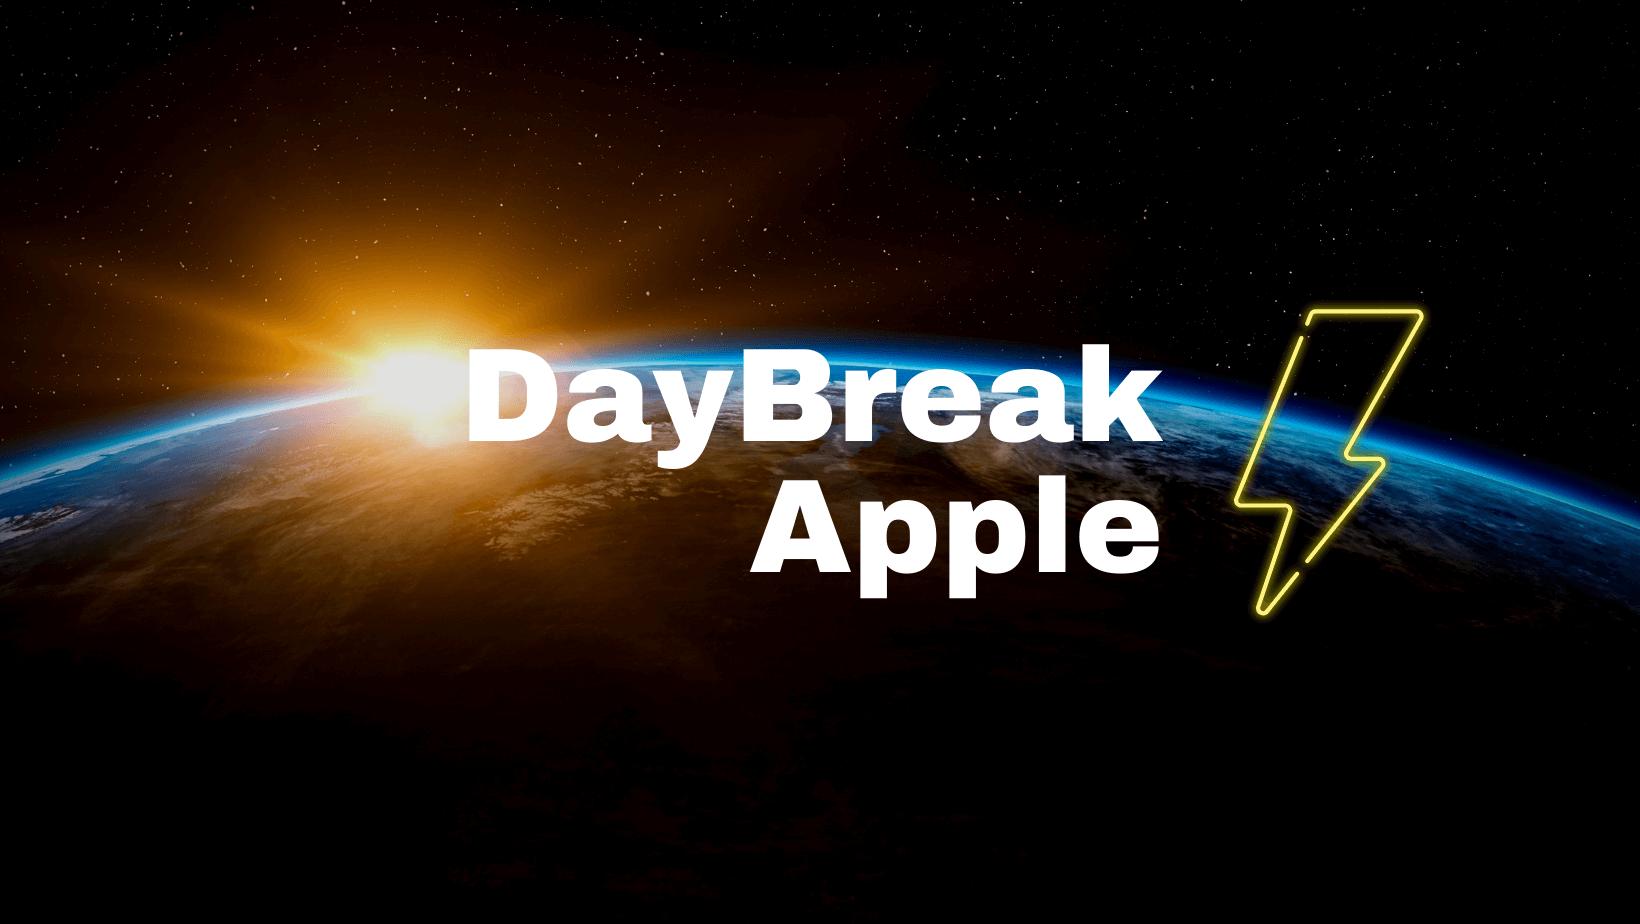 AirTags-als-Stalking-Falle-geheimes-Entwicklermen-entdeckt-wie-Apple-Netflix-umgarnt-hat-Daybreak-Apple